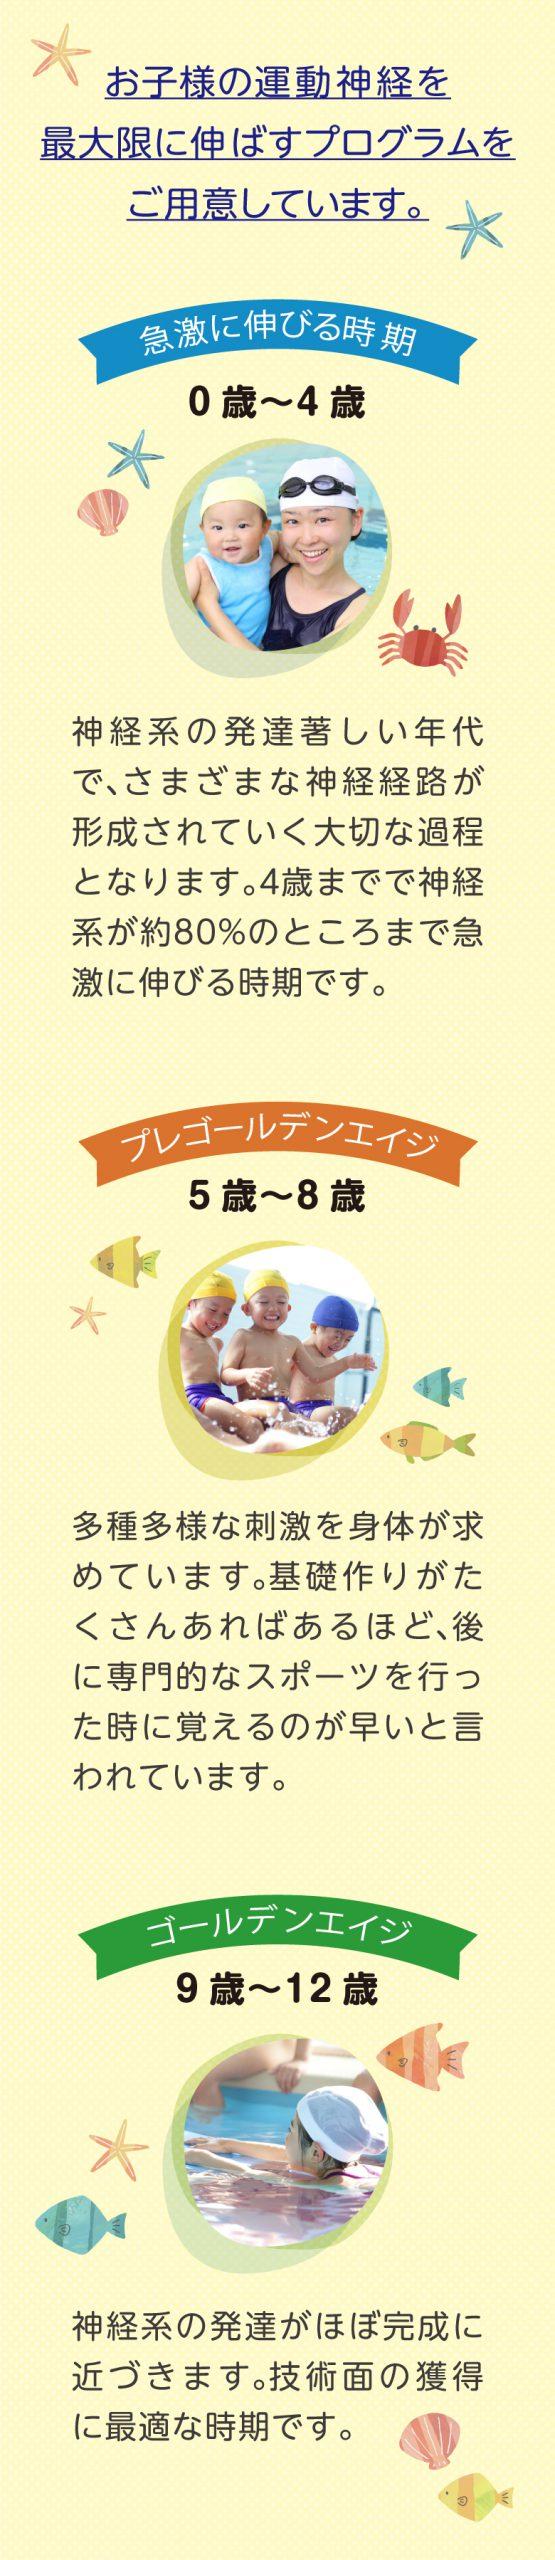 cv-case-ch-20h_c-05-3